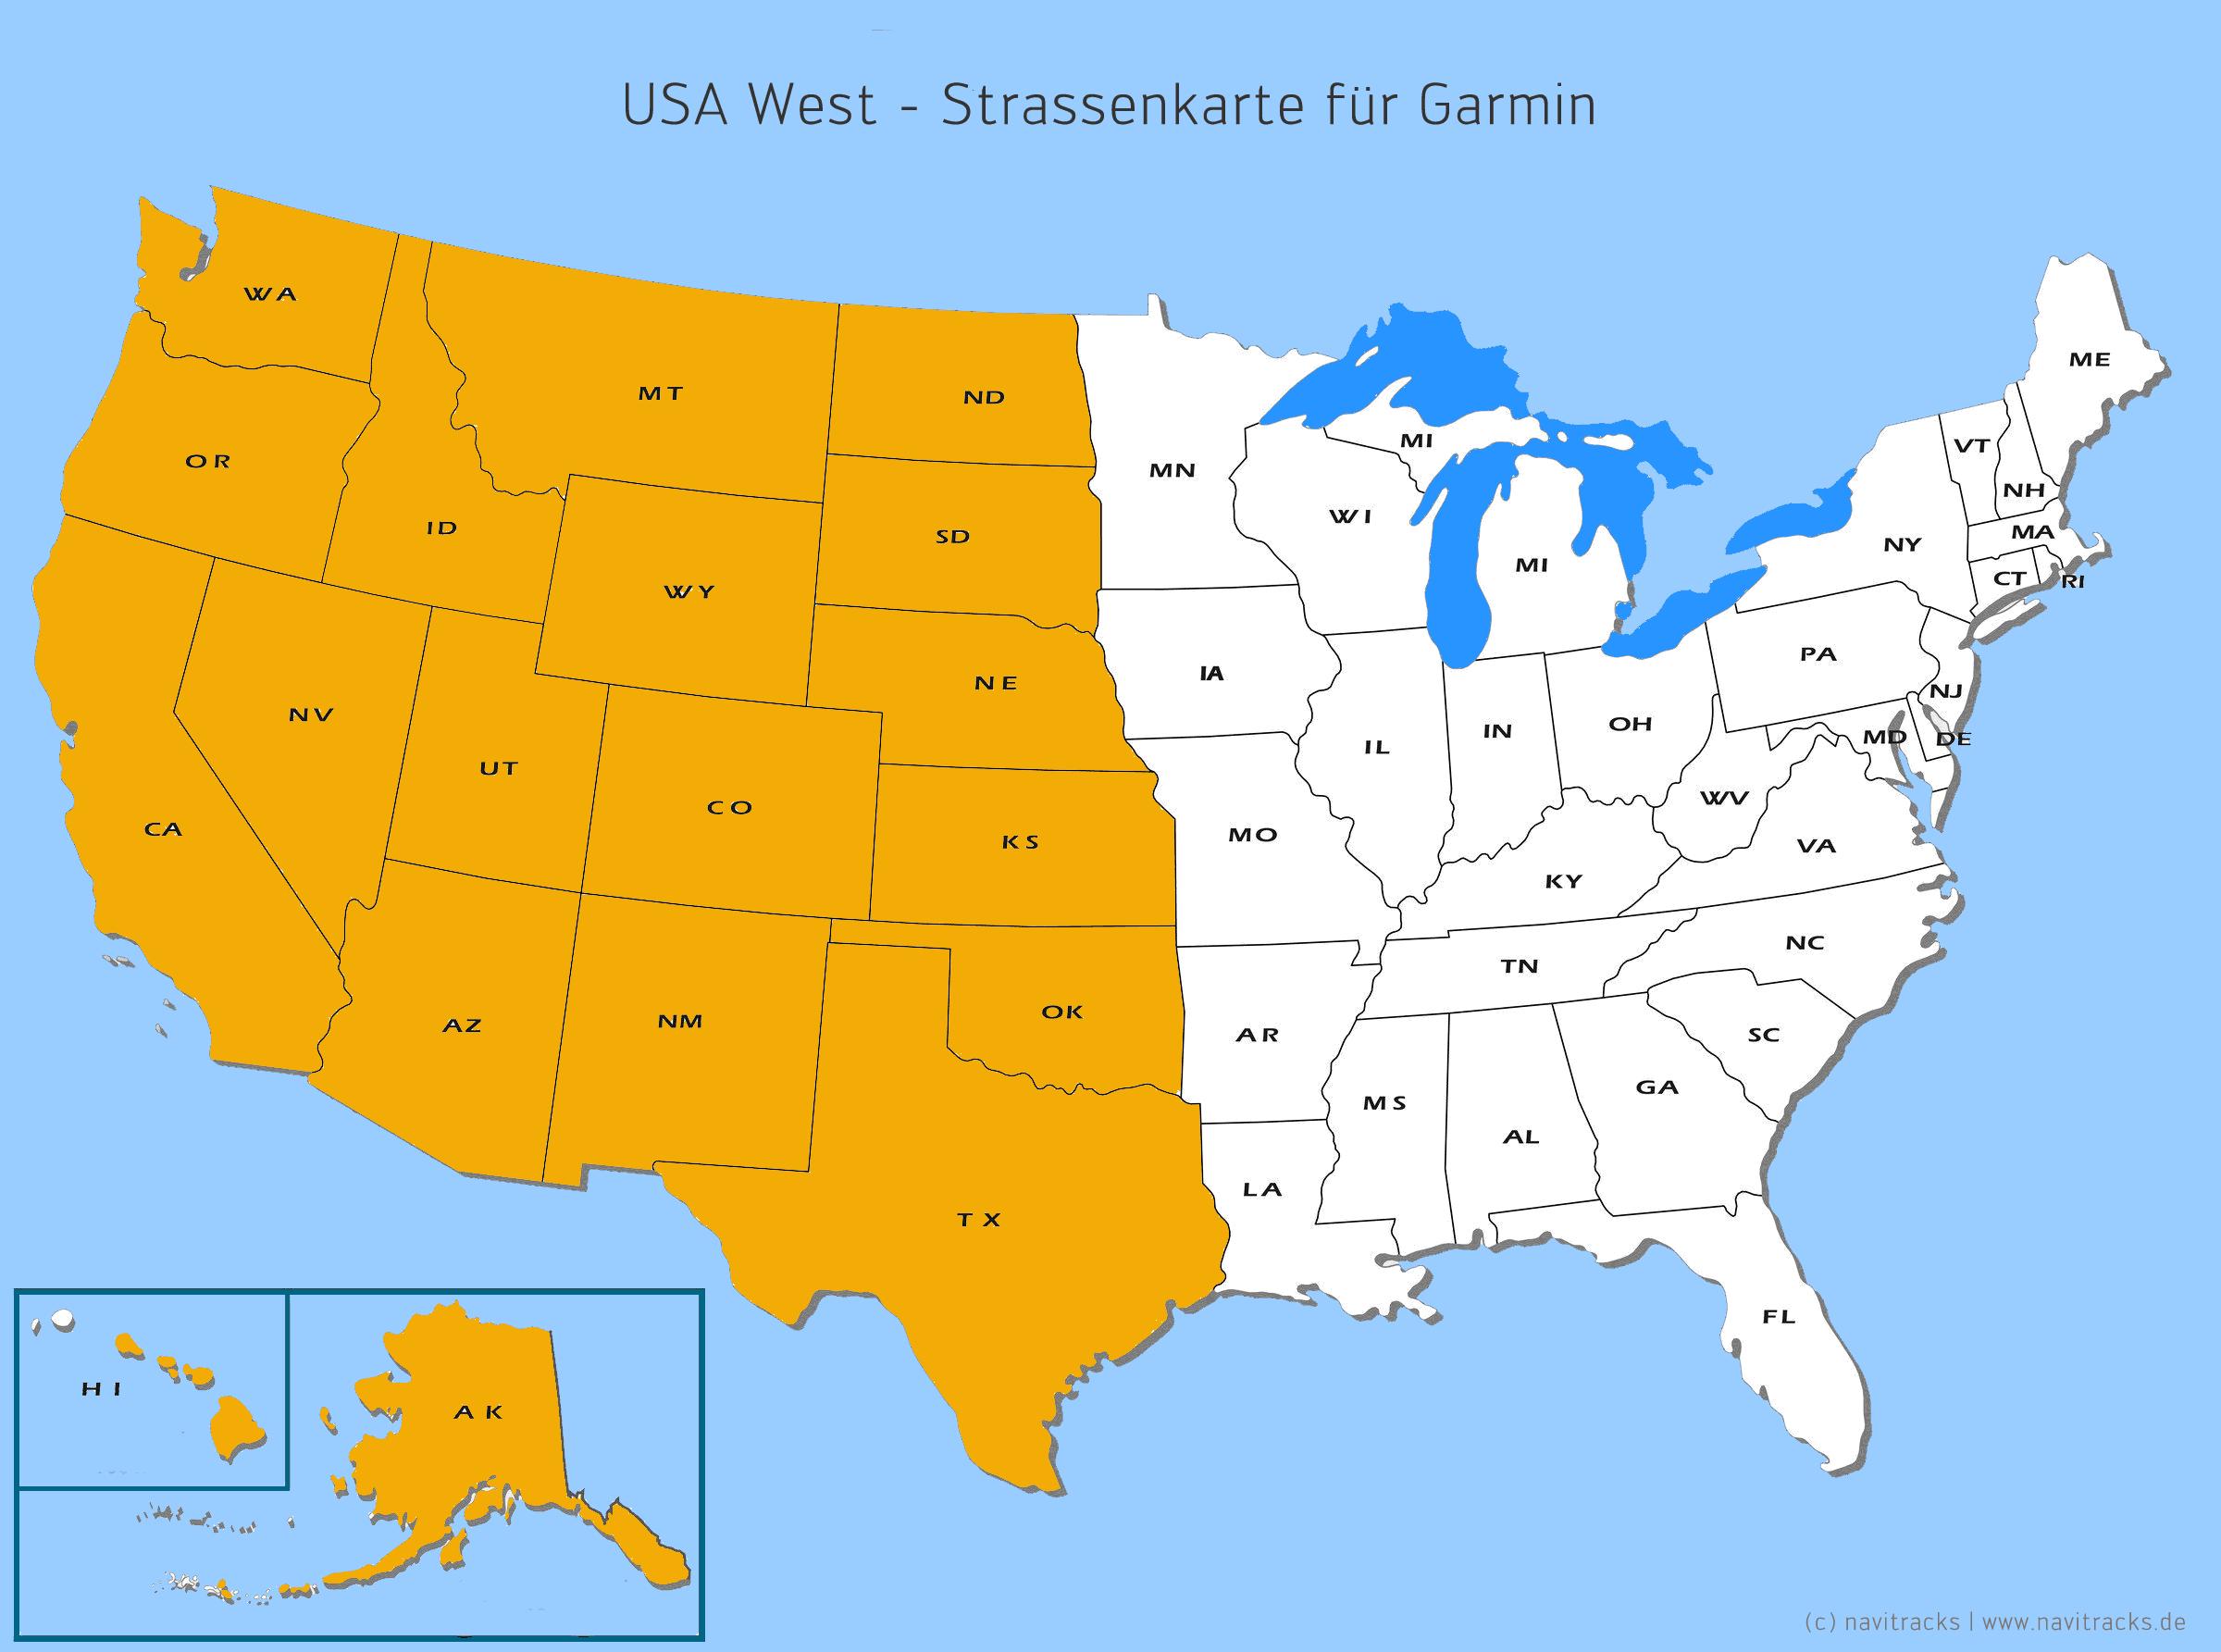 USA West - Kartenabdeckung